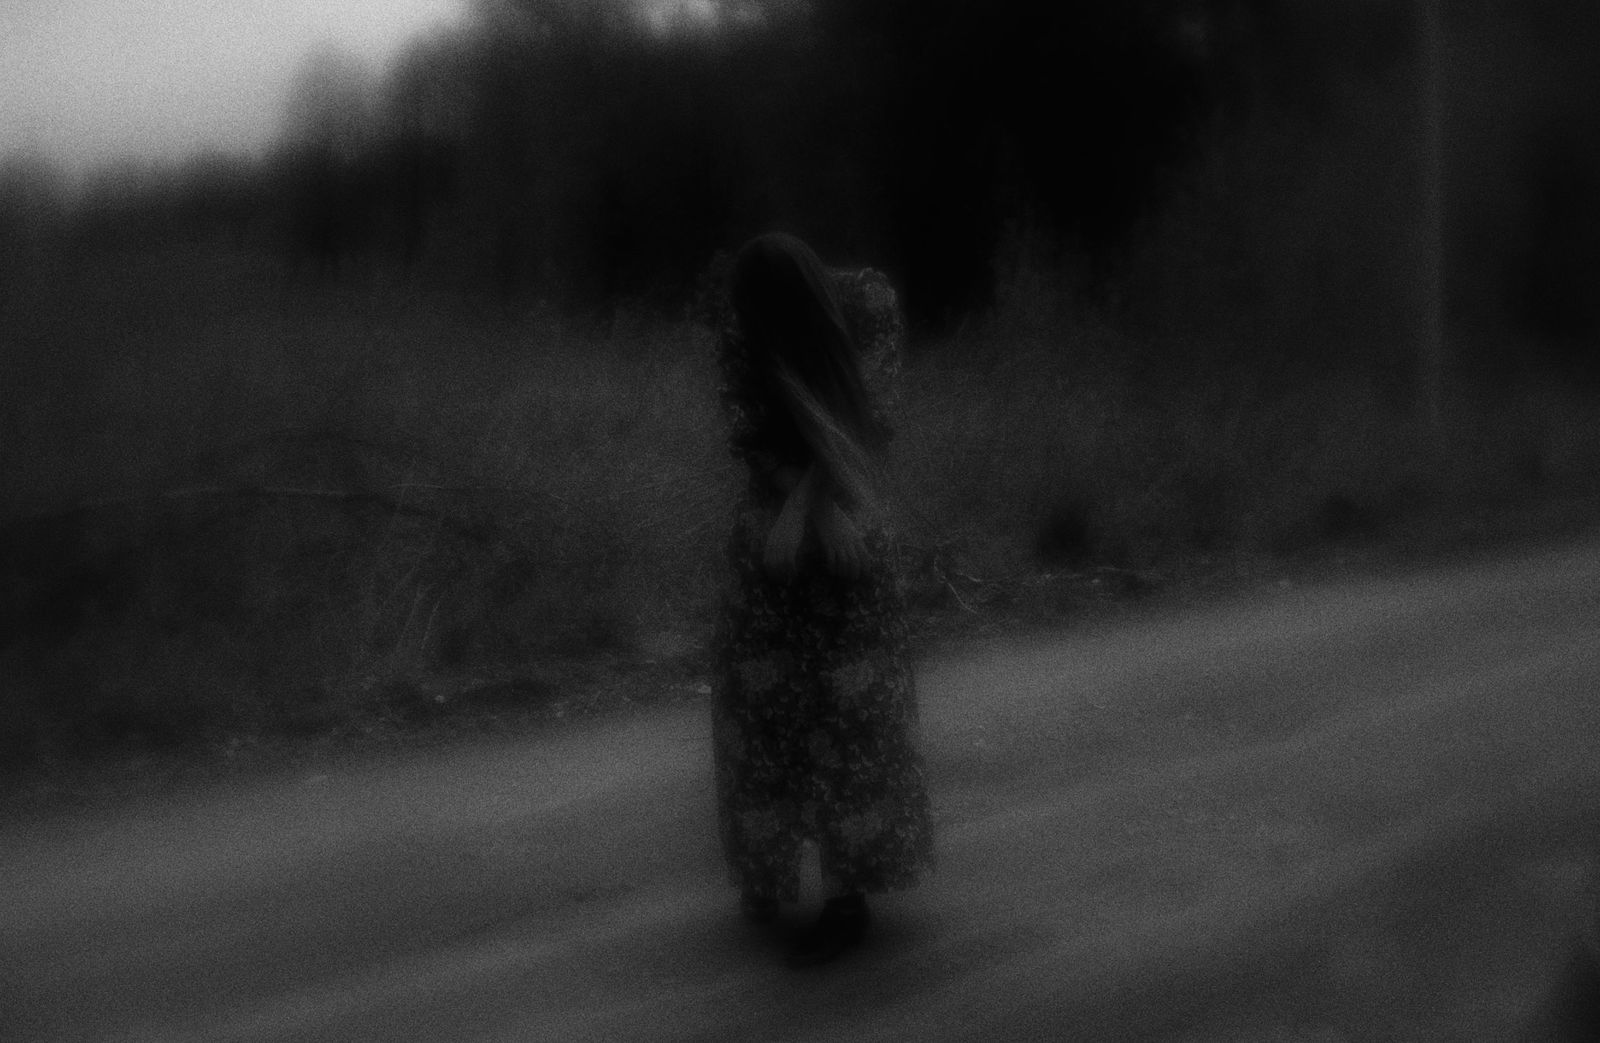 Марина Храмова. Призраки воображения. Без названия